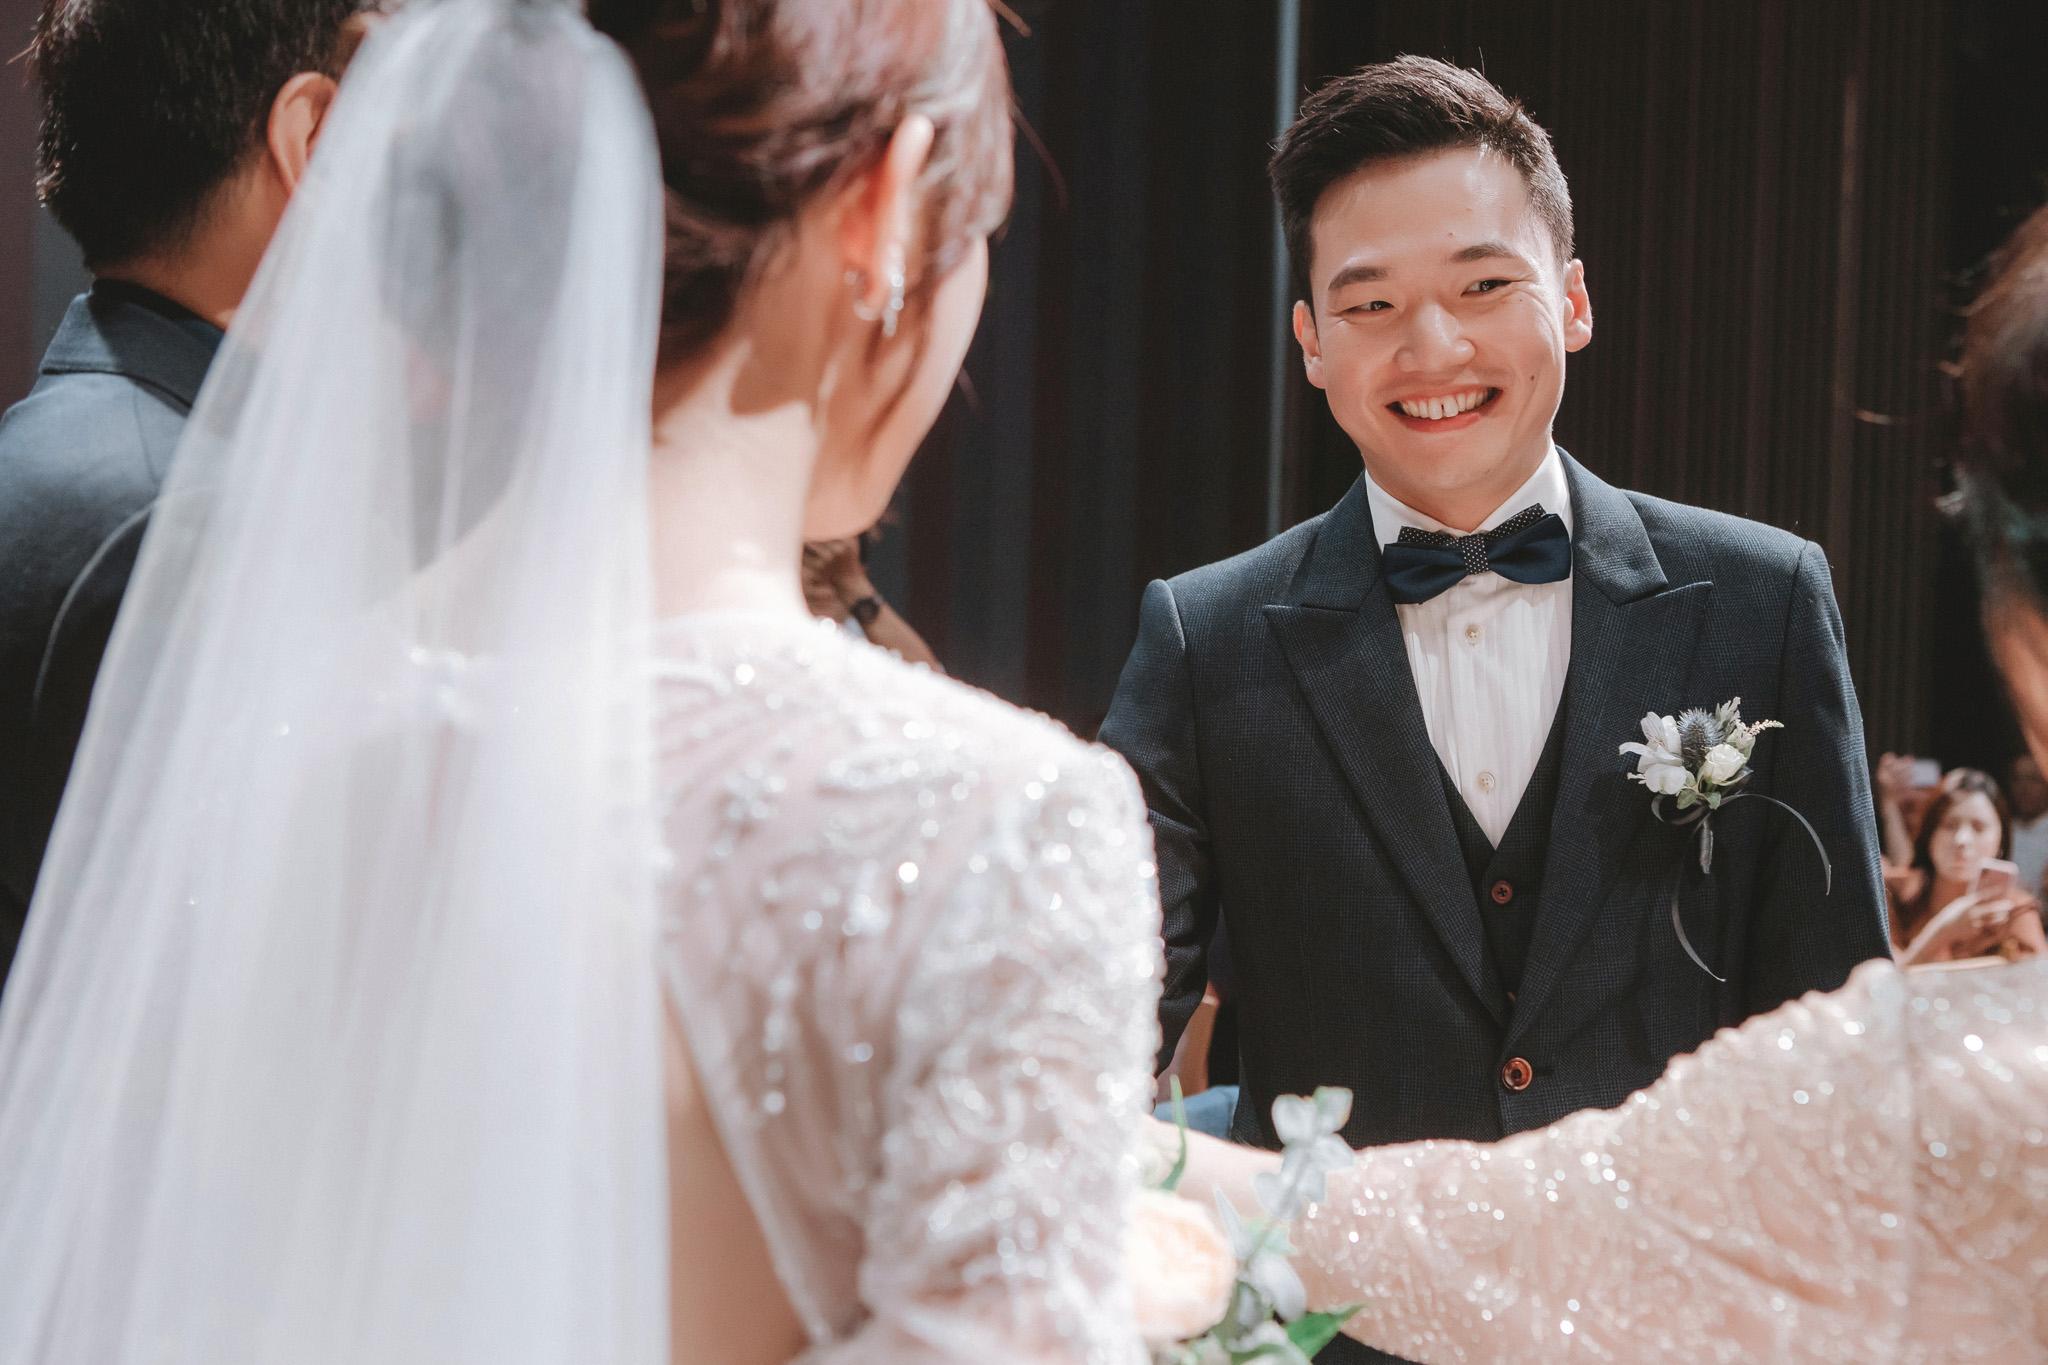 EW 居米 台北婚宴 台北婚紗 台北婚攝 國泰萬怡 台北婚禮 -28